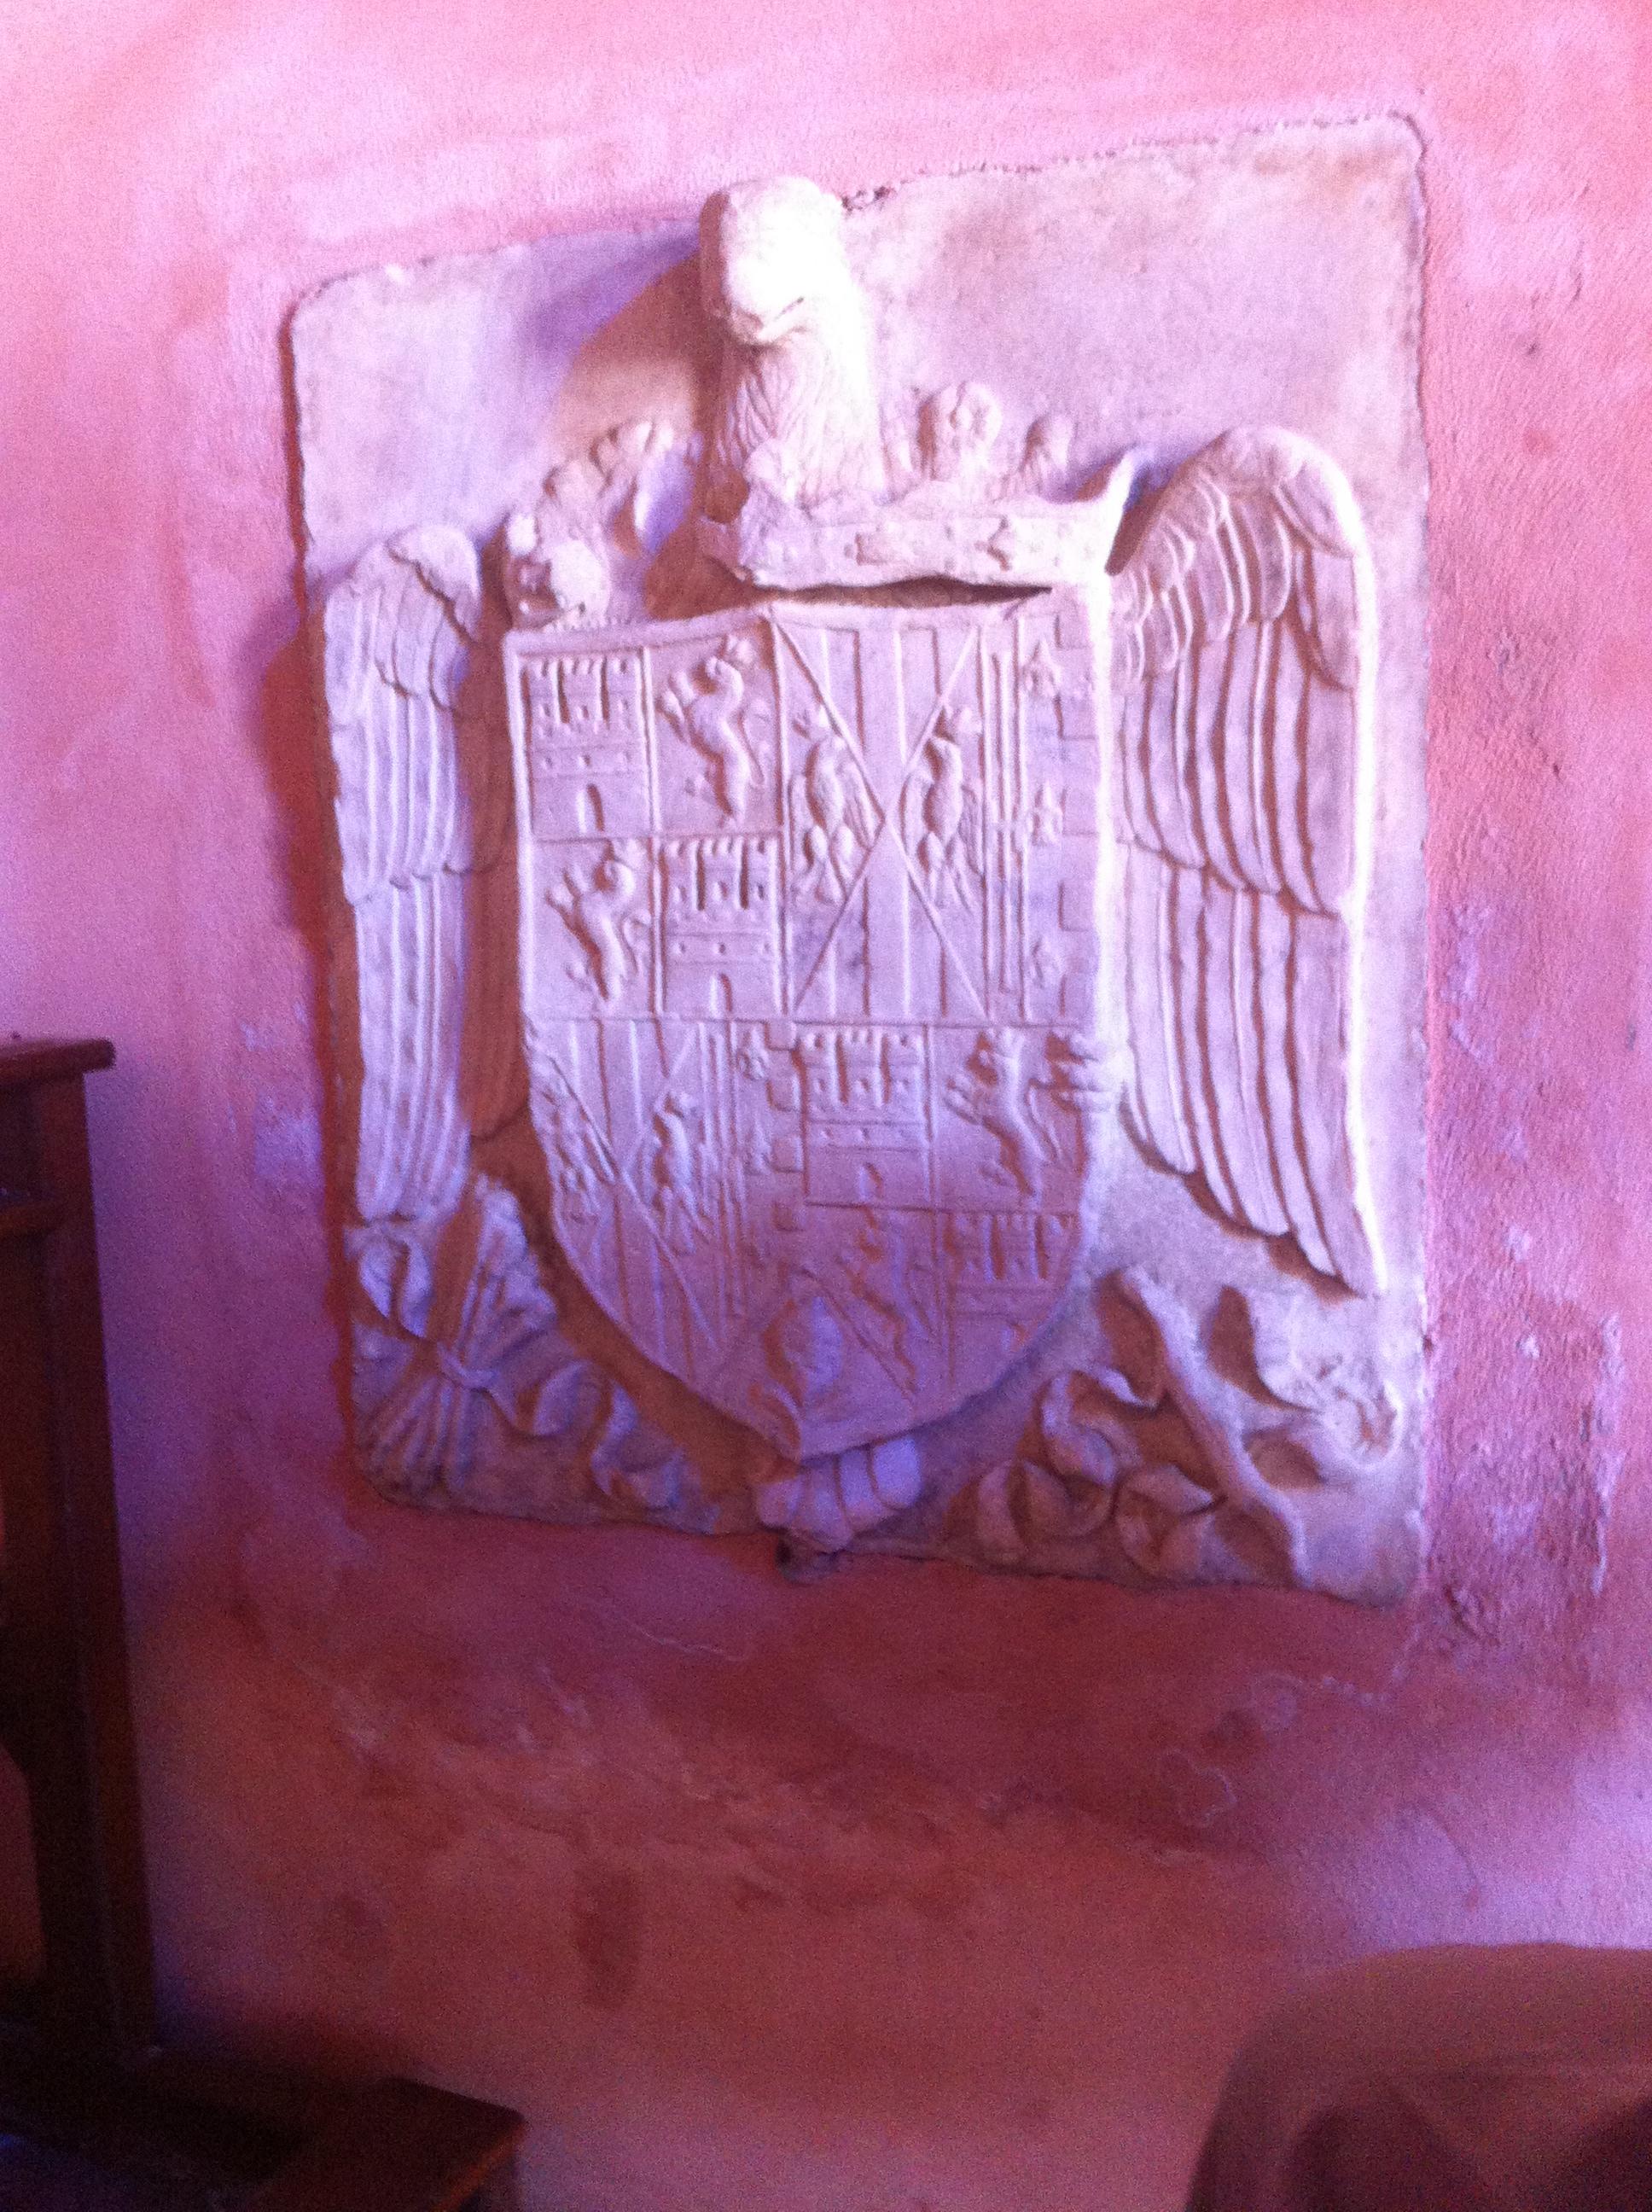 Stemma chiesa SantAntonio